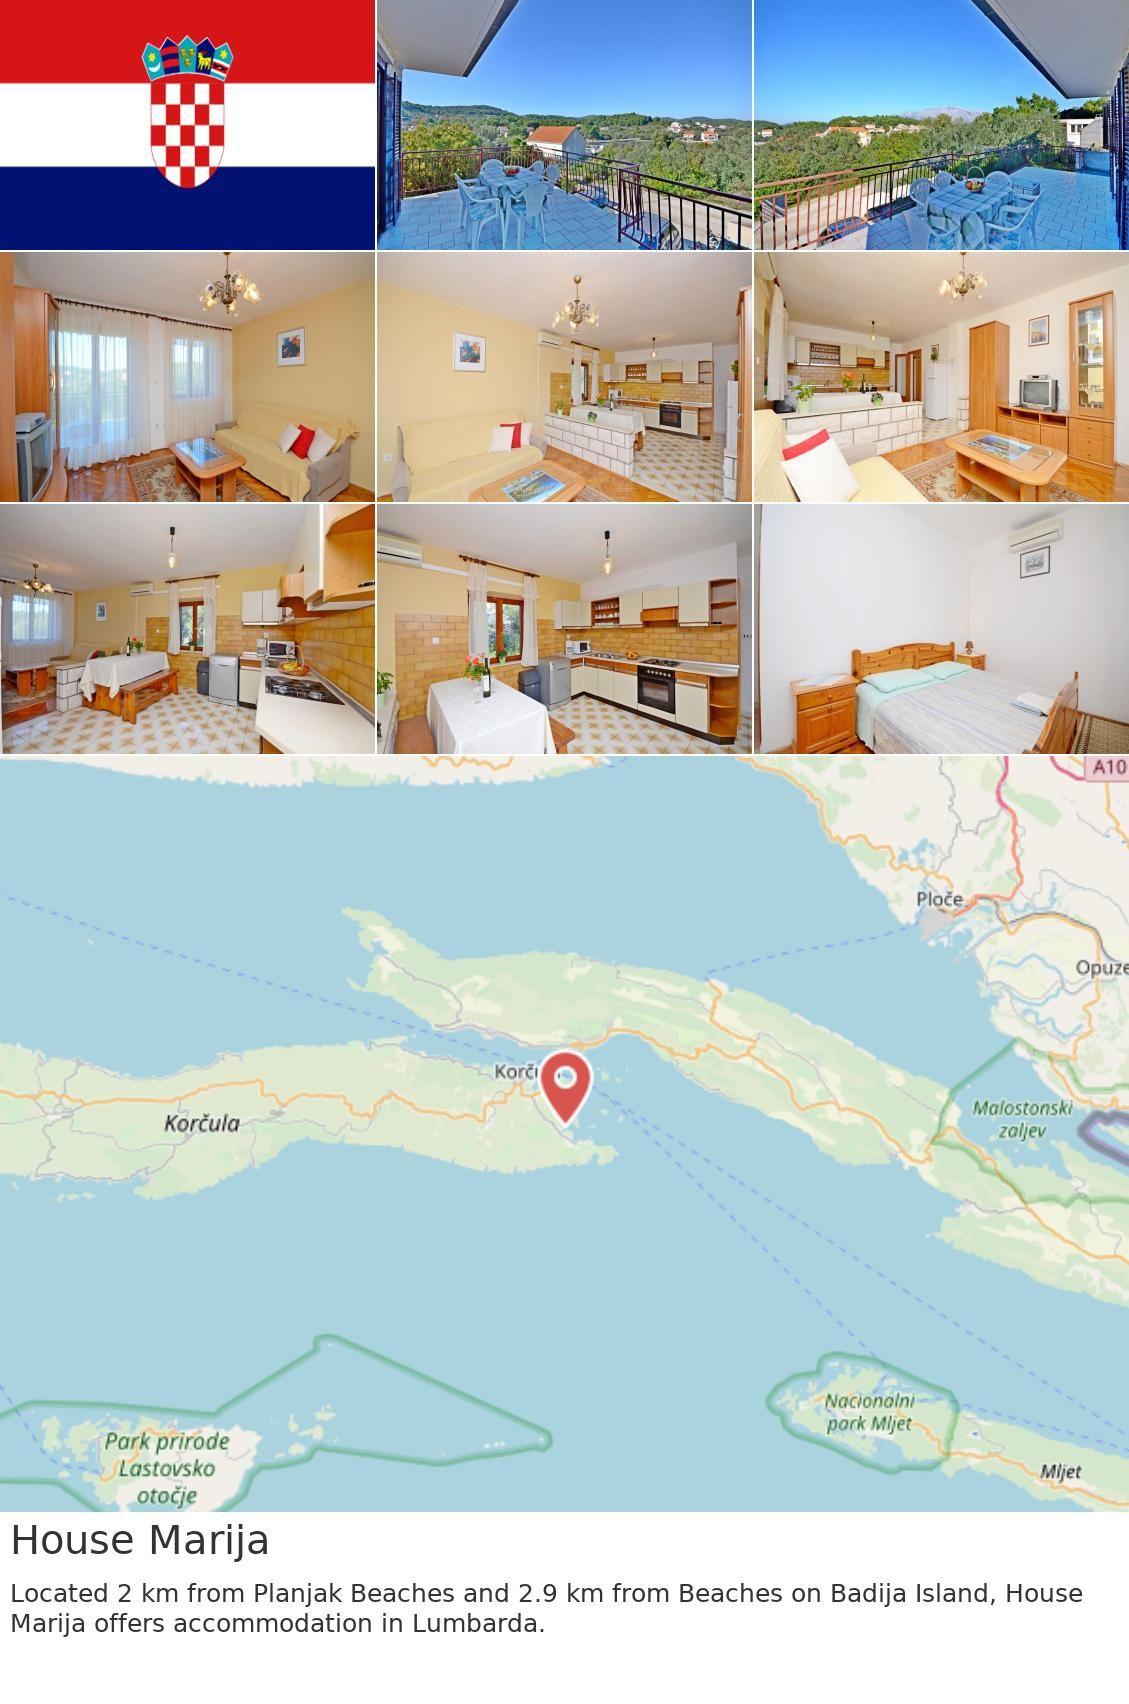 Europe Croatia Lumbarda House Marija Located 2 Km From Planjak Beaches And 2 9 Km From Beaches On Badija Island House Marija Offers Accommodation In Lumbar S Izobrazheniyami